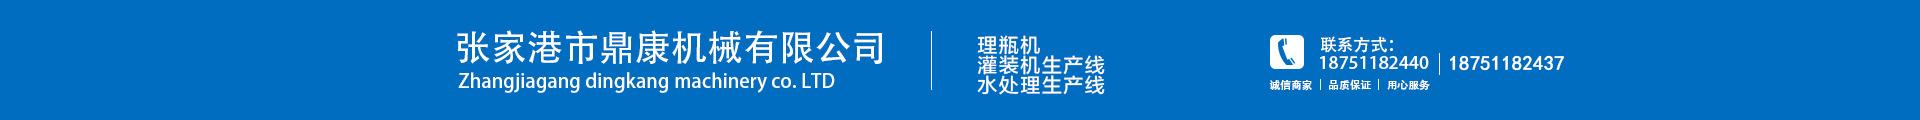 张家港市鼎康机械有限公司